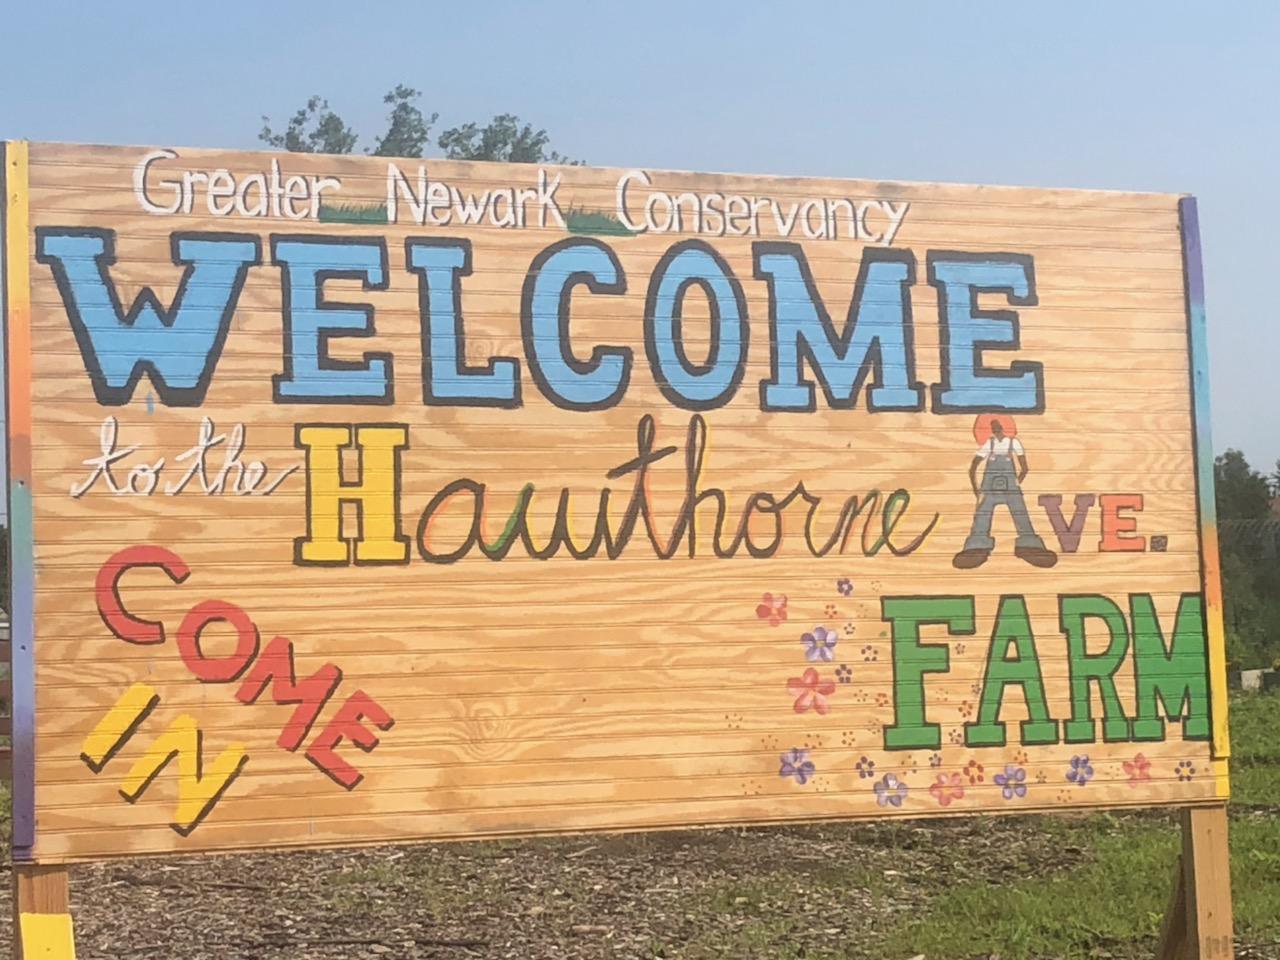 Hawthorne Avenue Farm